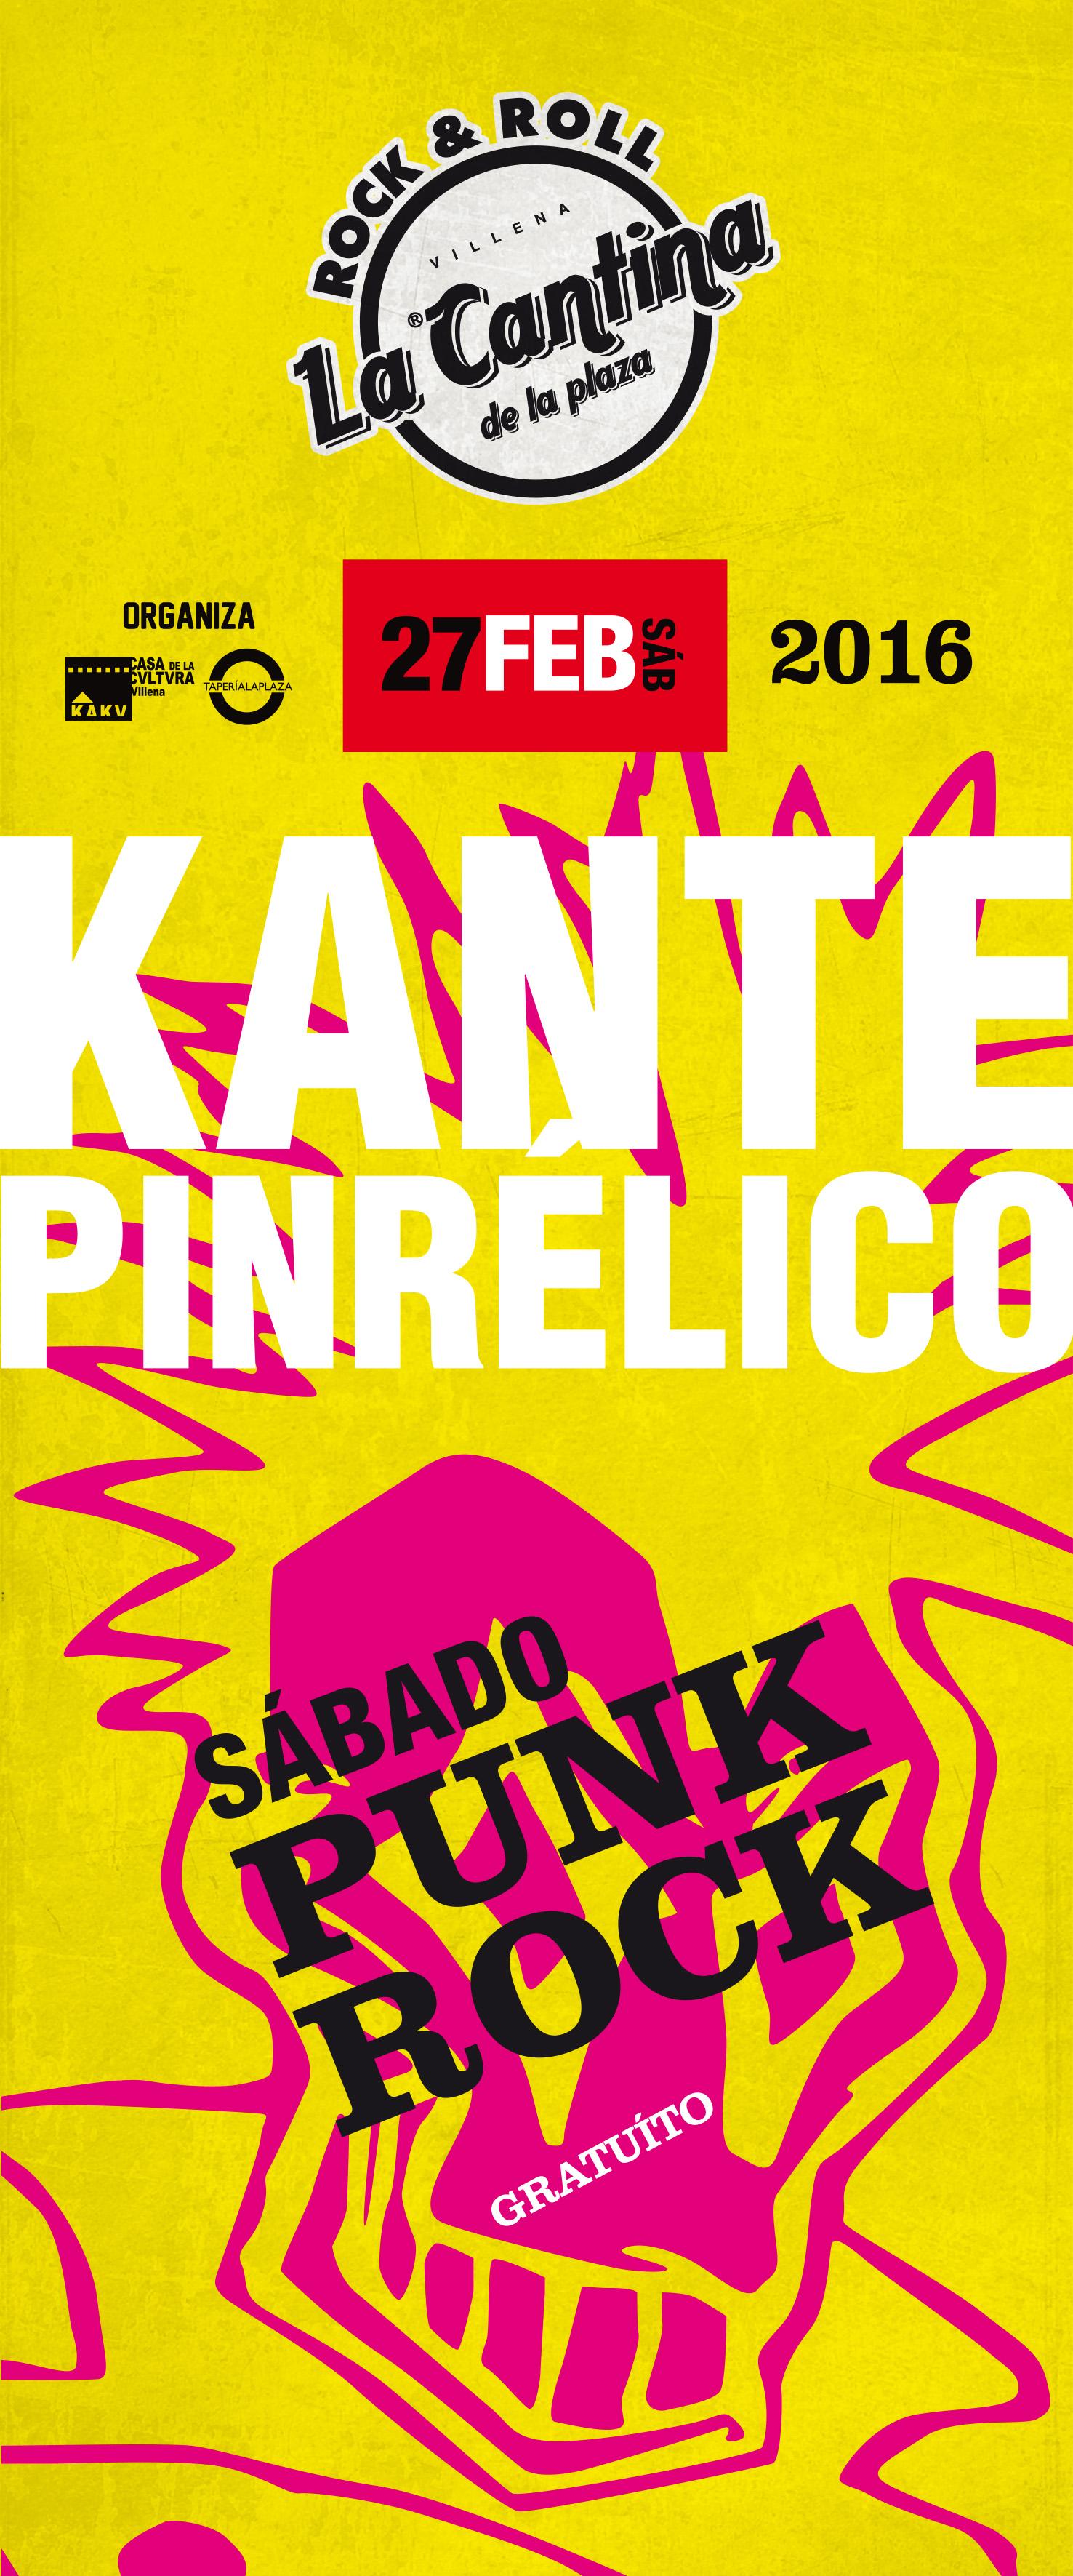 Kante Pinrélico en la Cantina de la Plaza